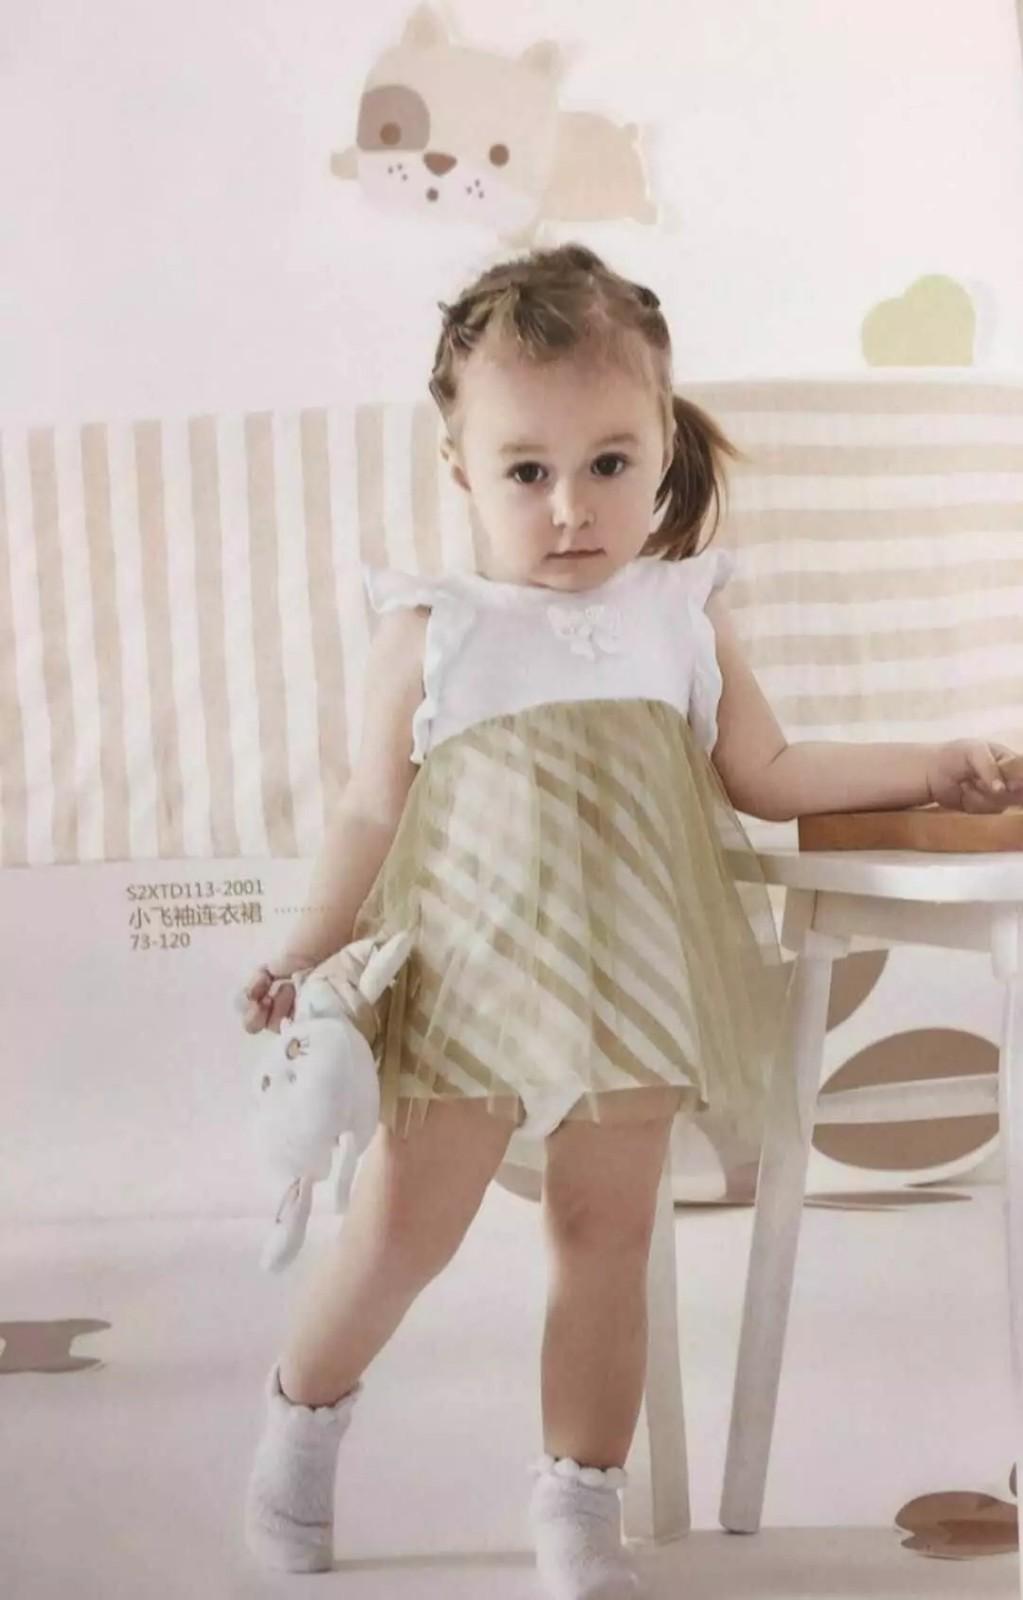 绿典 ||天然彩棉,夏日温柔呵护宝宝的娇嫩肌肤!